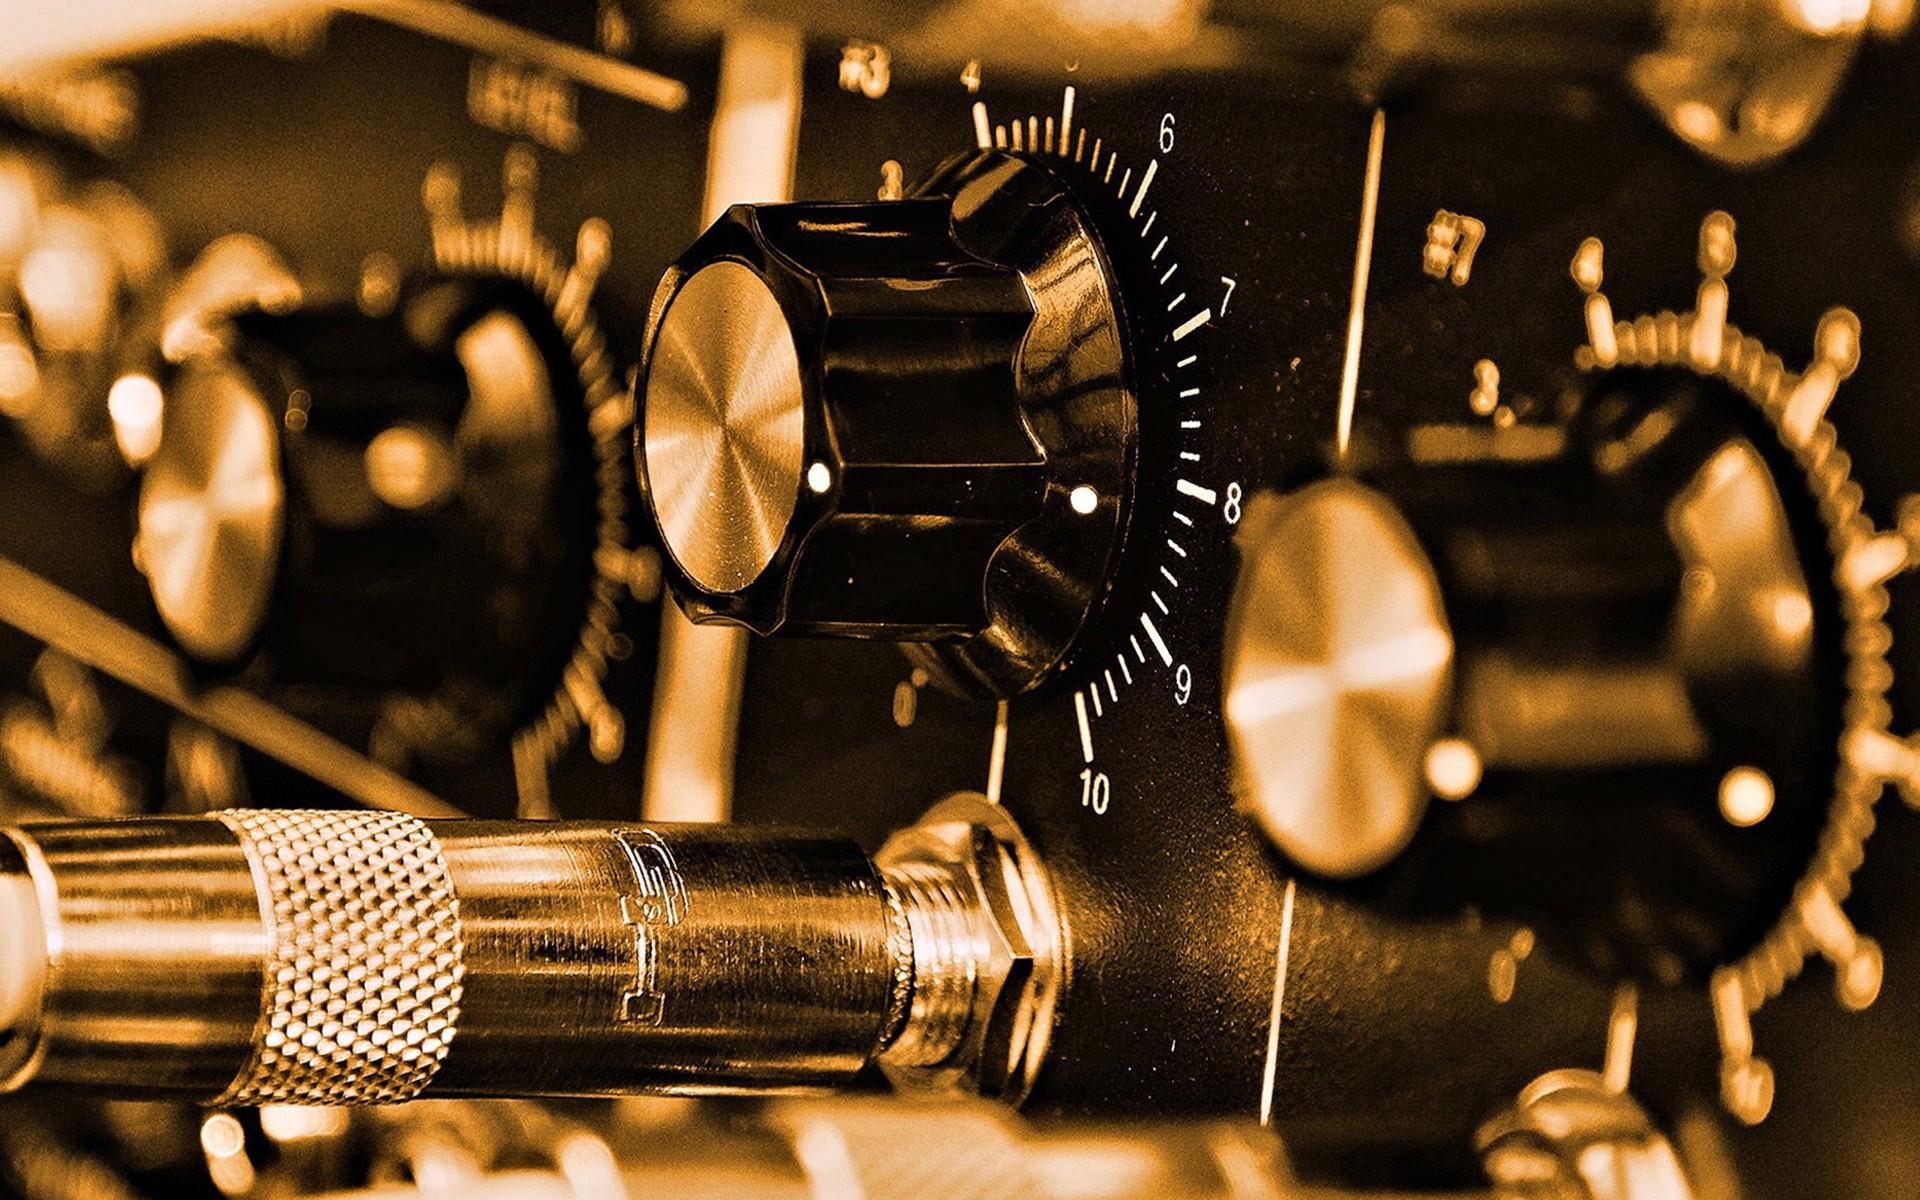 デスクトップ壁紙 ギター 楽器 写真 音楽 セピア 金属 ドラム